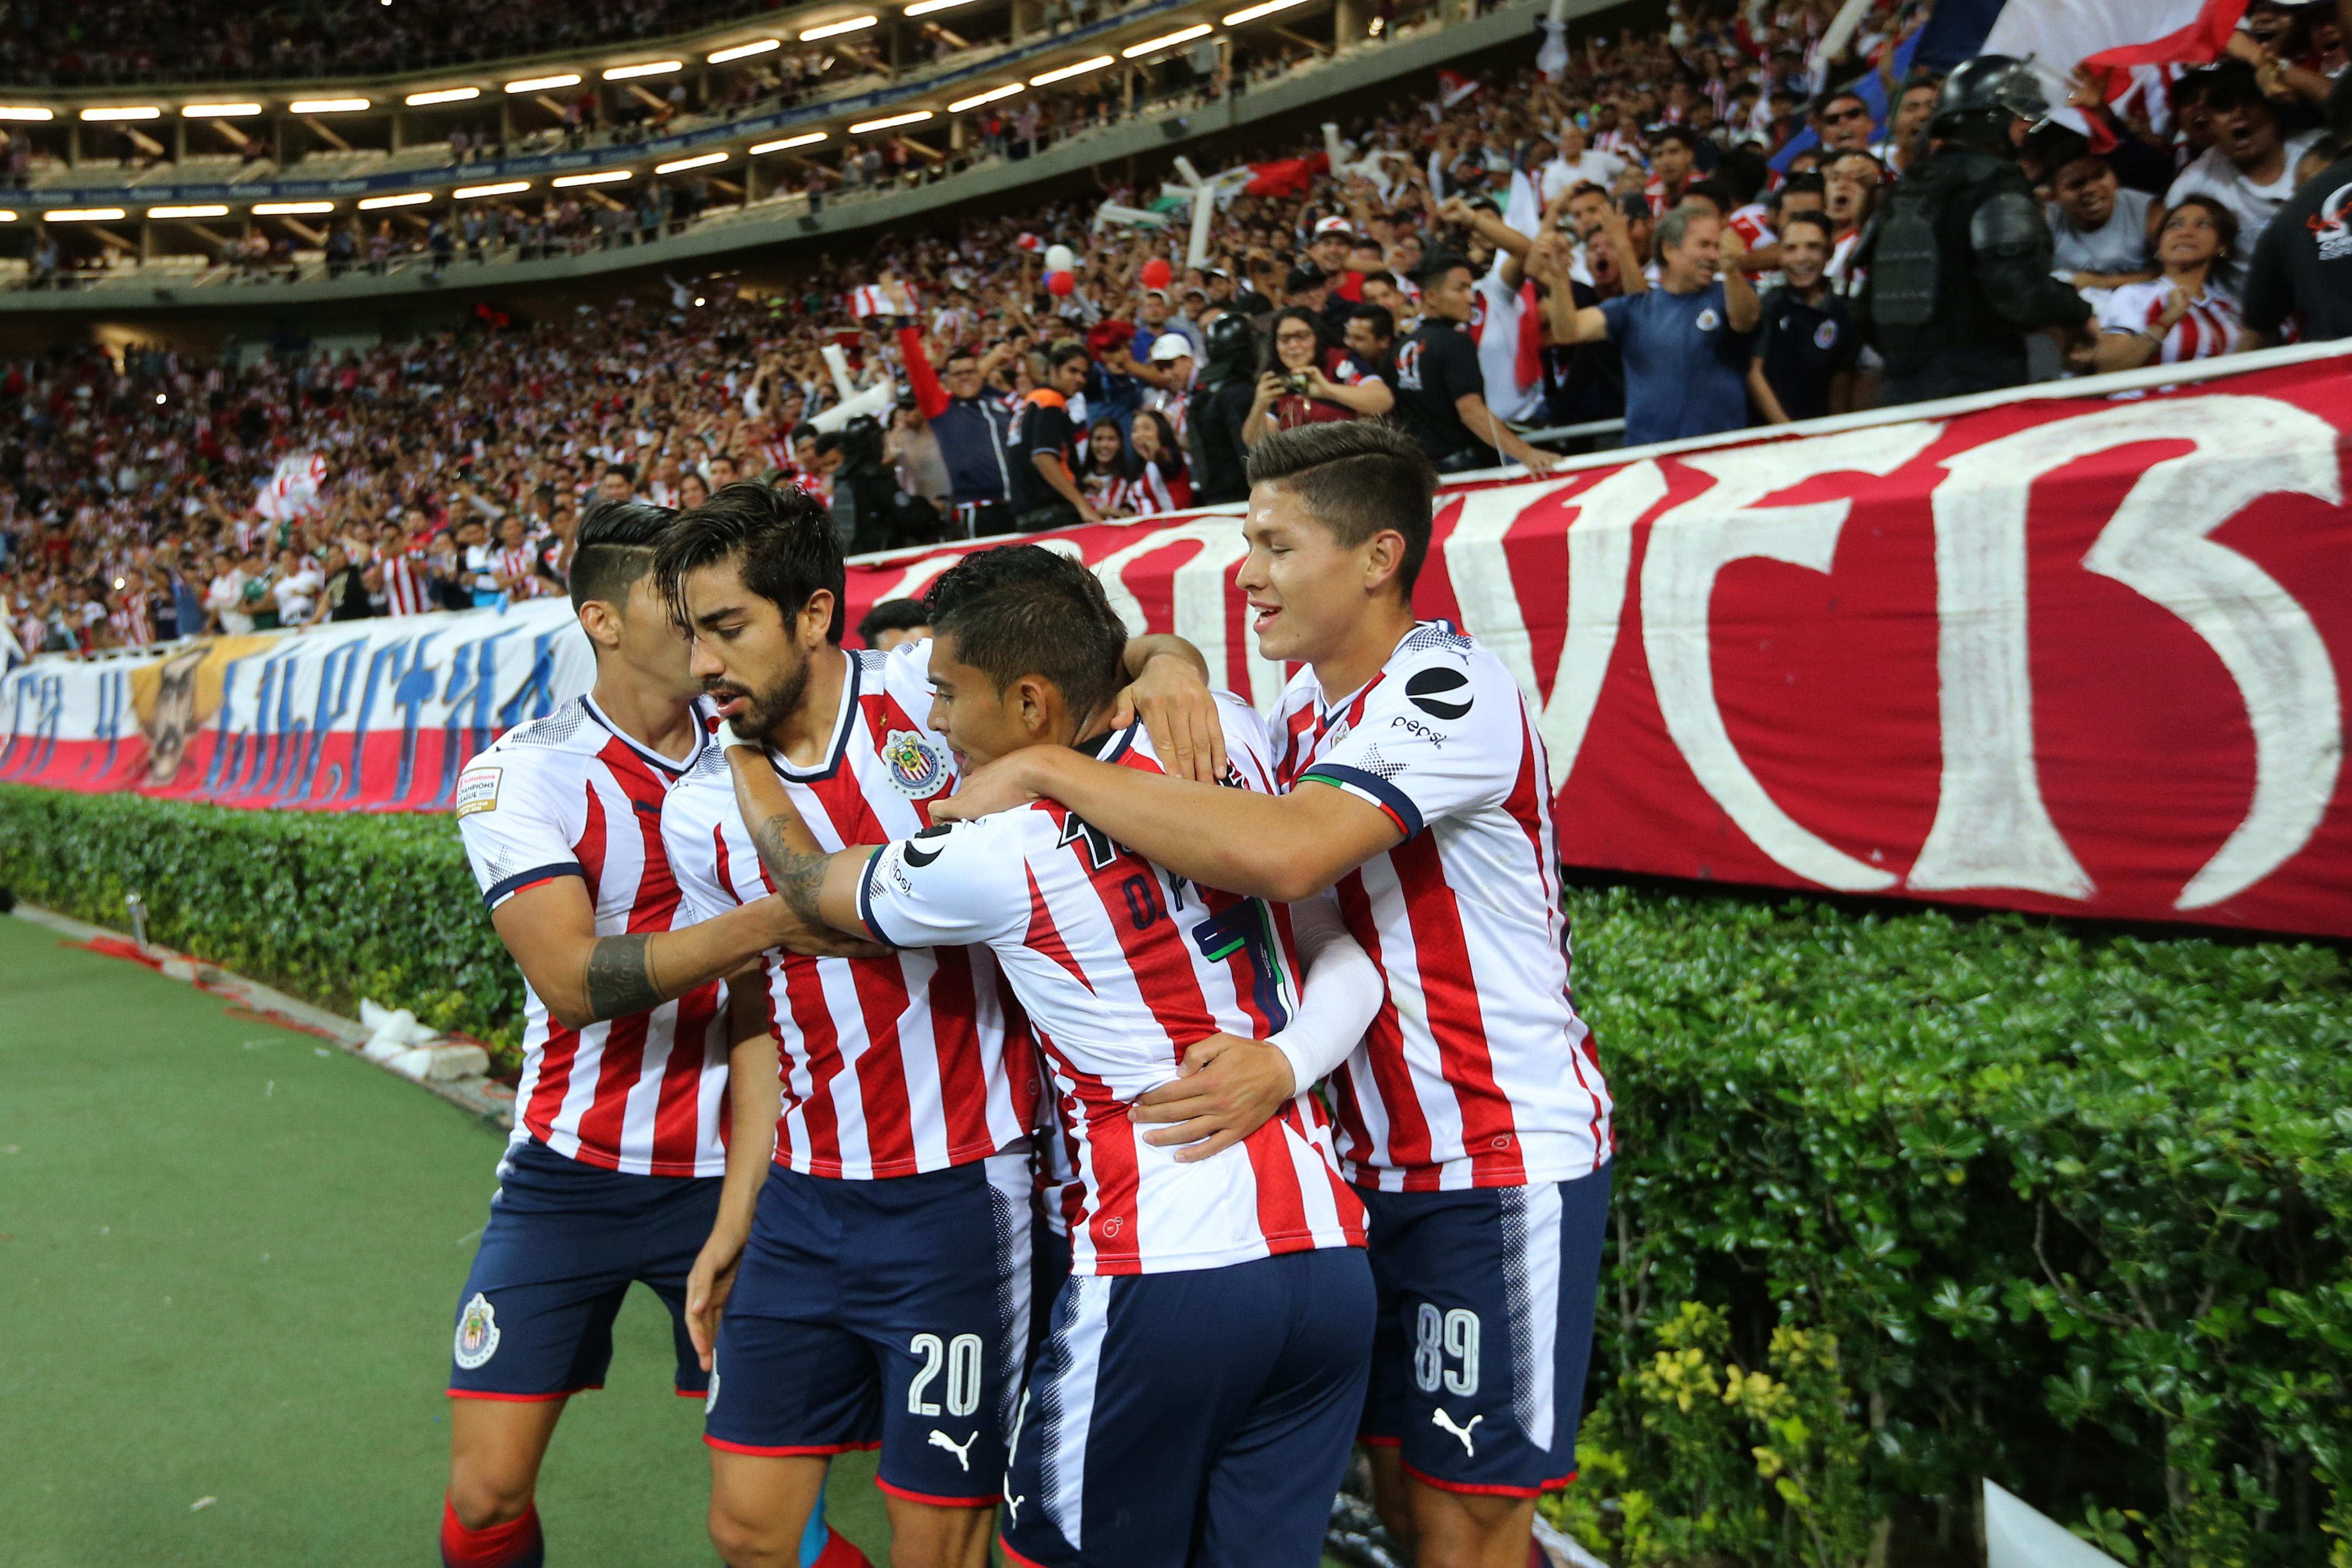 Jugadores Chivas reclaman adeudos millonarios Viajes Comida